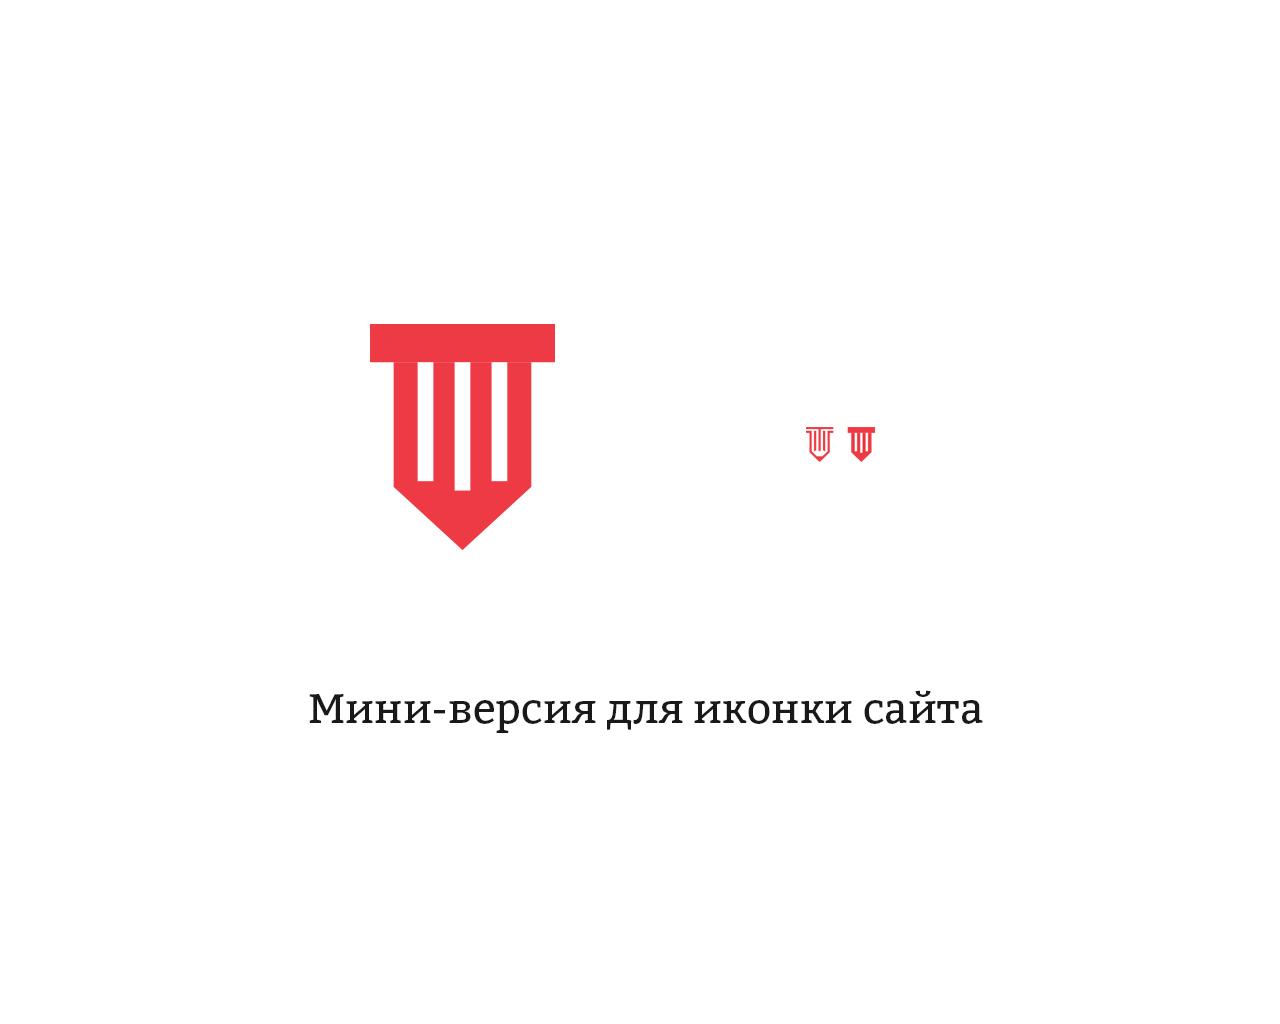 Разработка логотипа и фирм. стиля компании  ТЕХСНАБ фото f_5895b1ec53fa2522.jpg